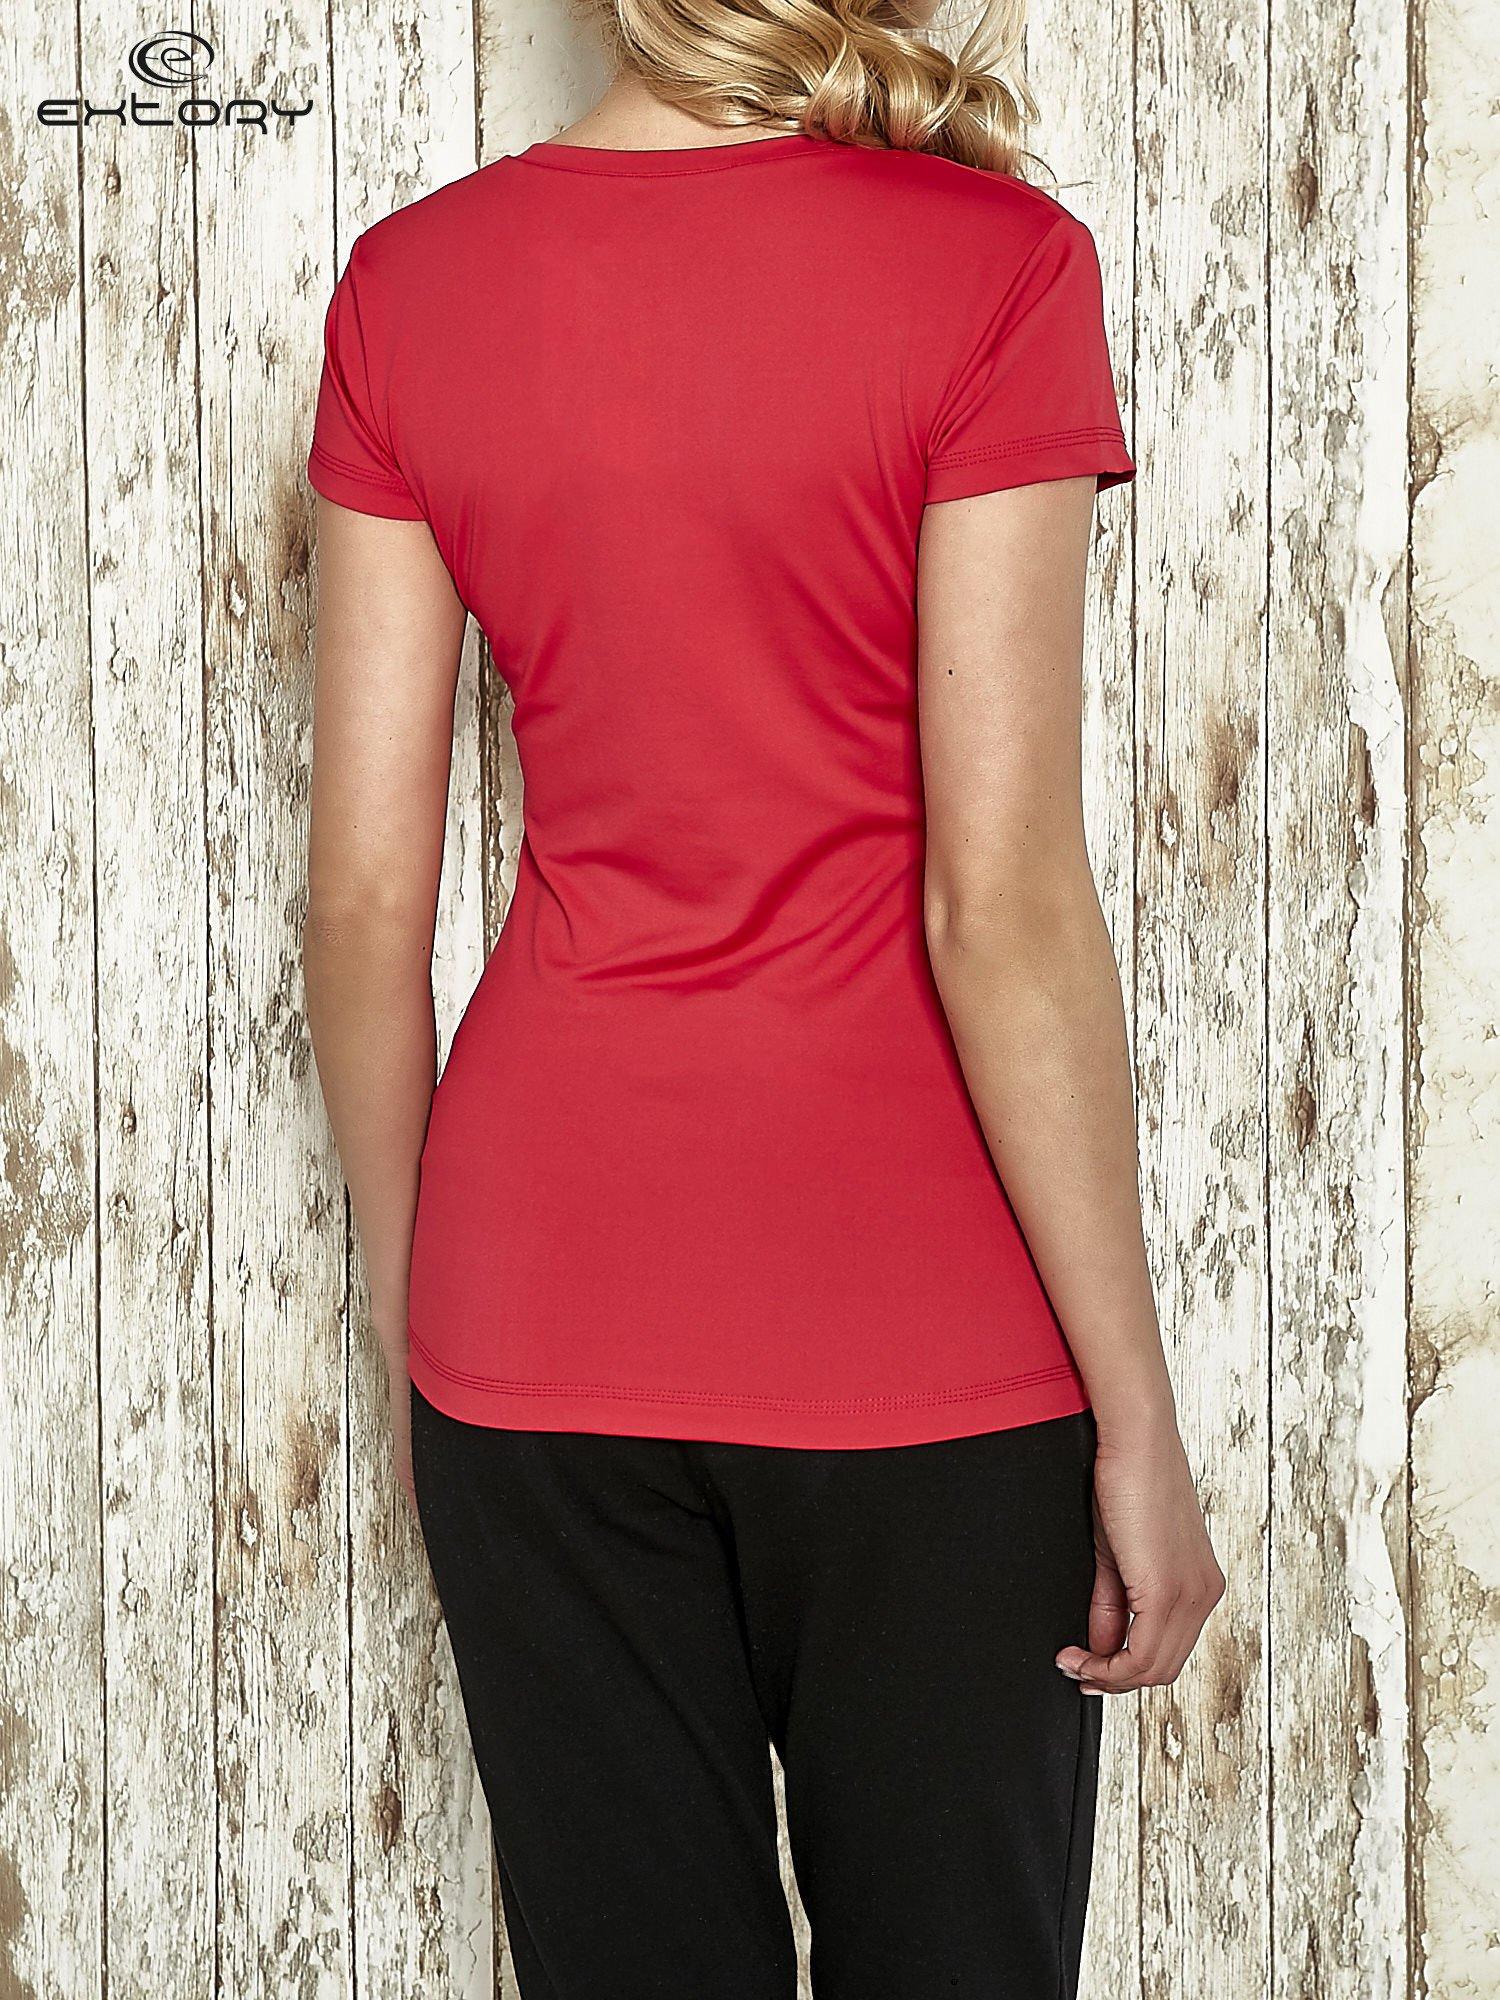 Różowy modelujący t-shirt sportowy z przeszyciami                                  zdj.                                  2